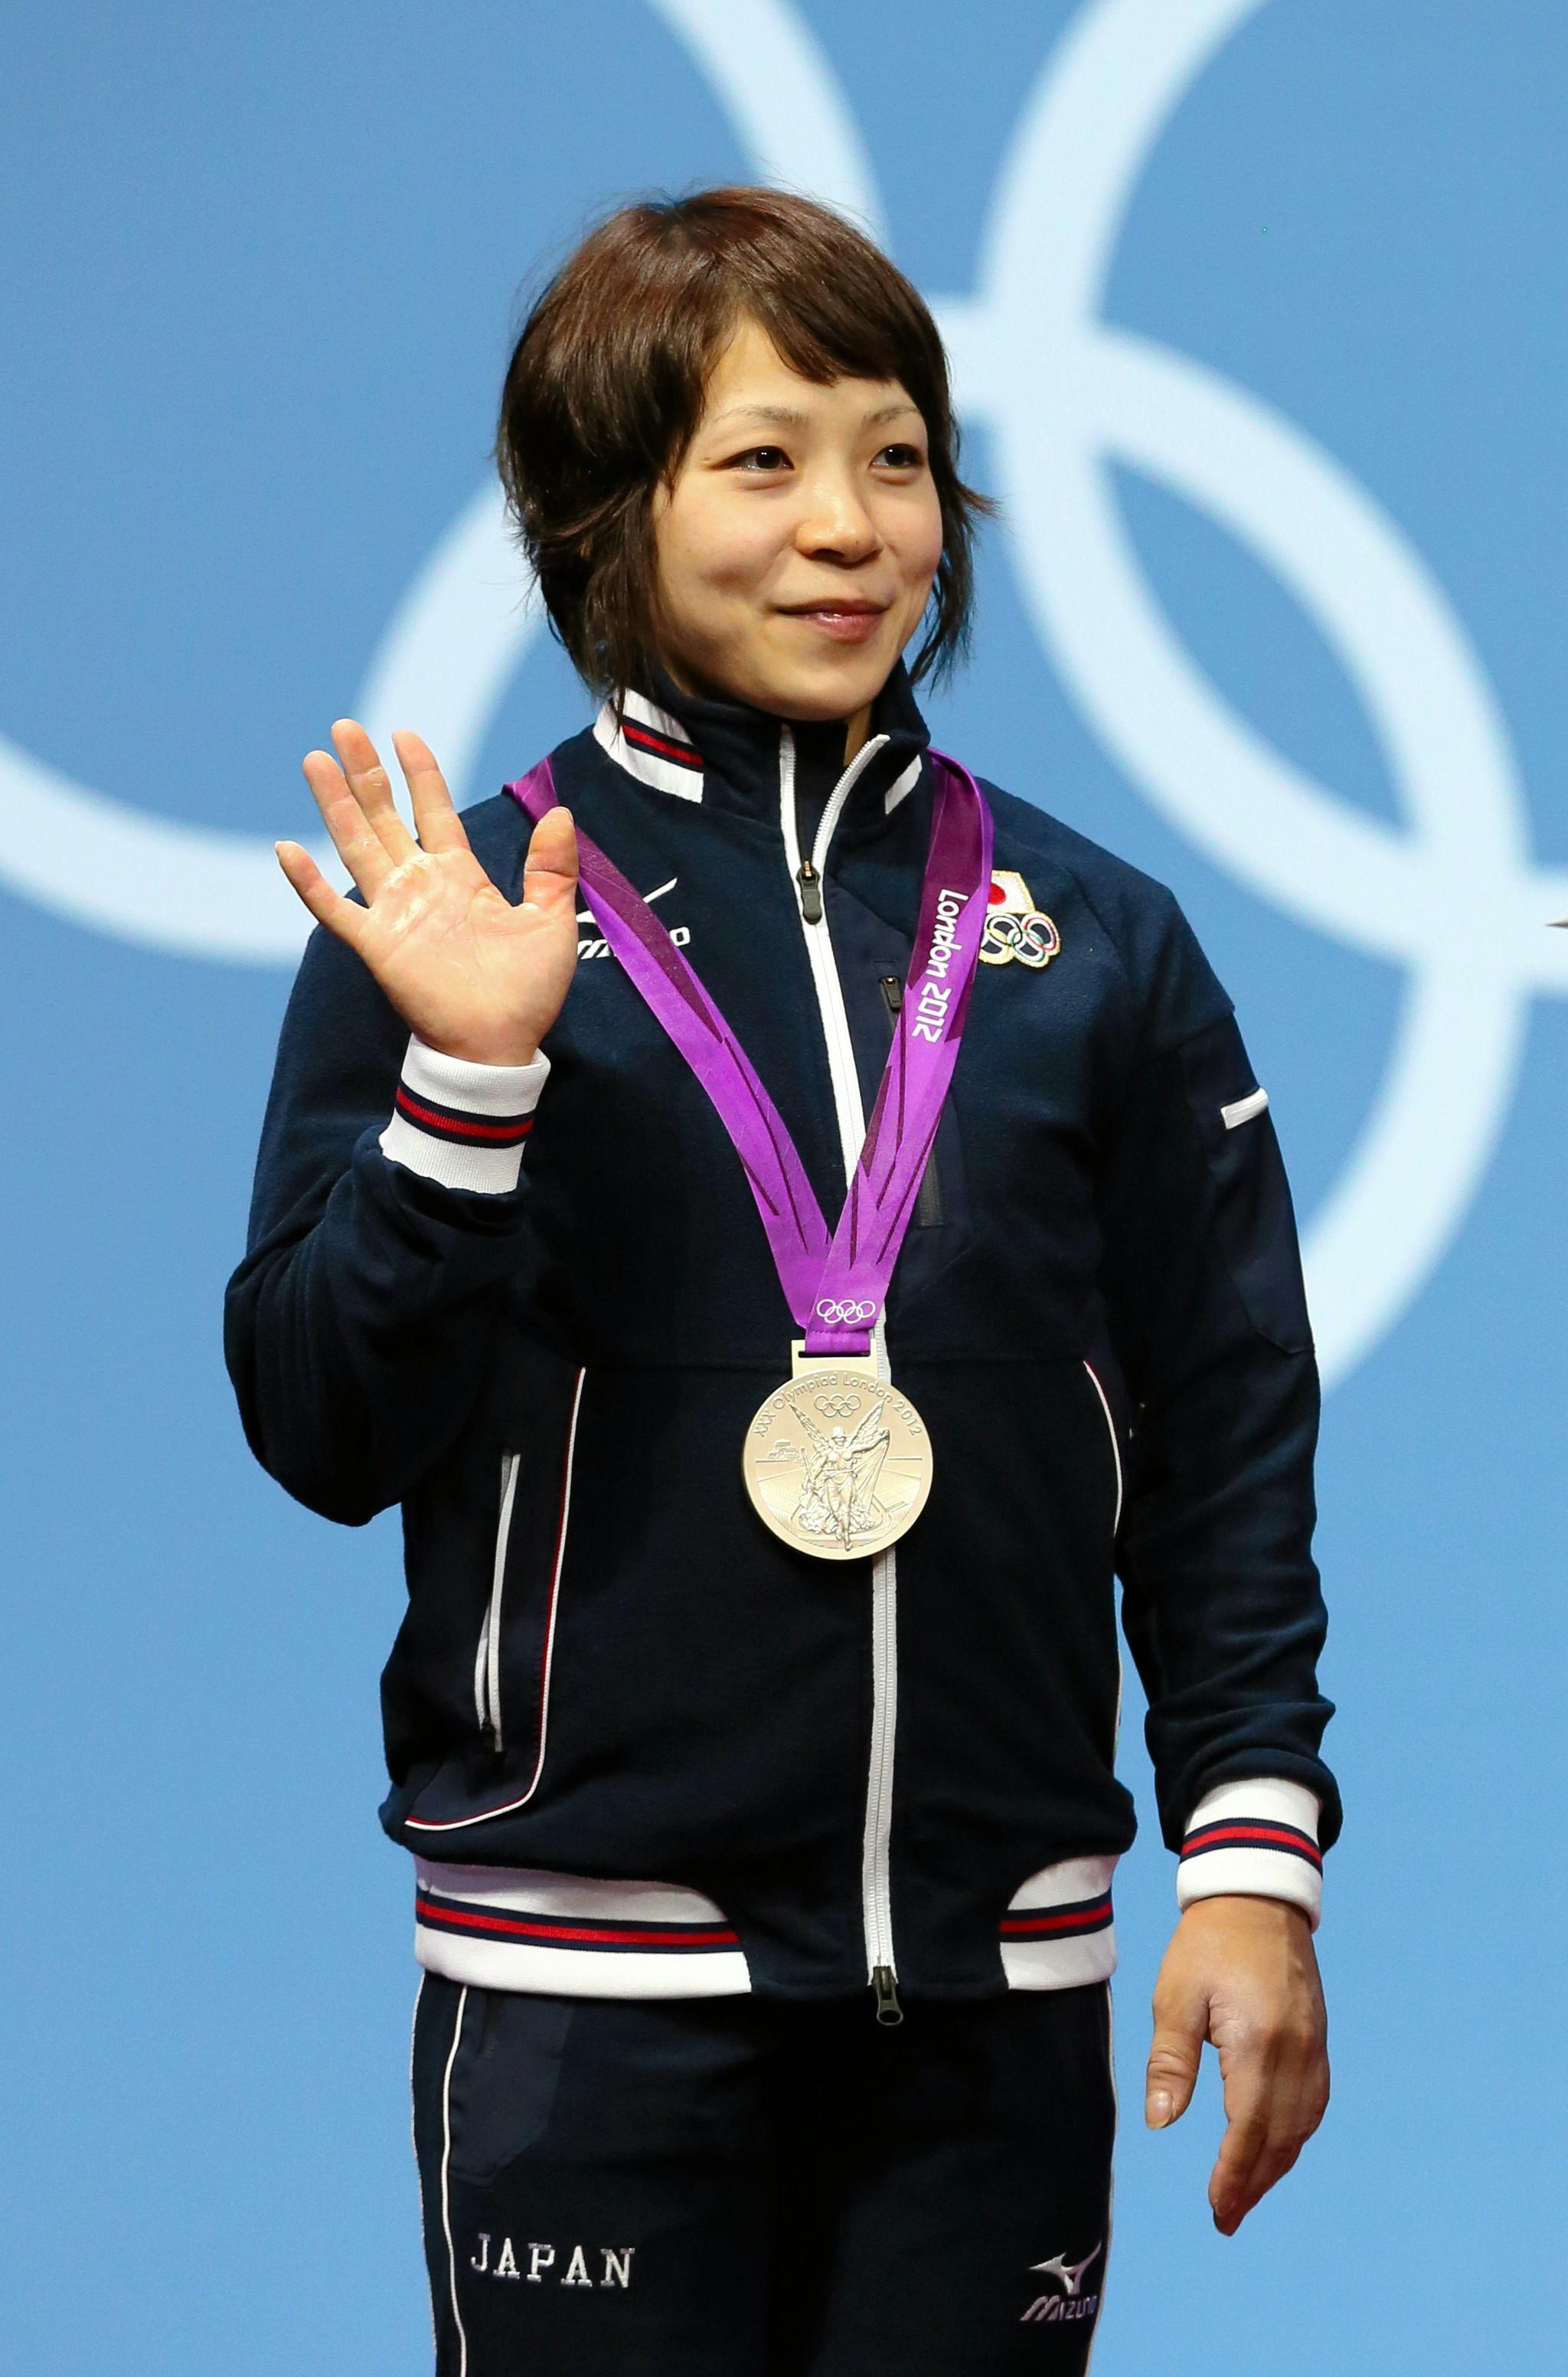 ウエイトリフティング女子49kg級に出場する三宅宏実選手。写真はロンドンオリンピックで銀メダルを獲得したときの様子=2012年7月28日、ロンドン